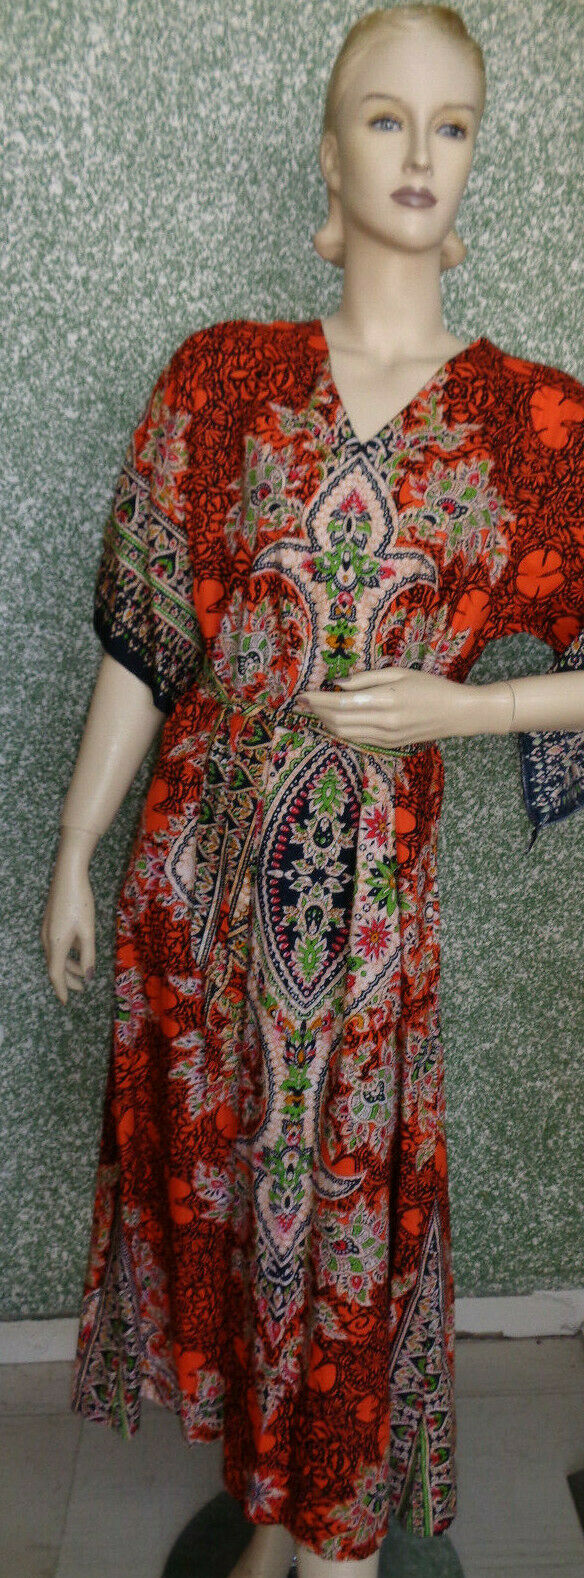 17 12 Damen Kleid Gr. L Orange schwarz bunt Vintage Hippie Stil Flower Power